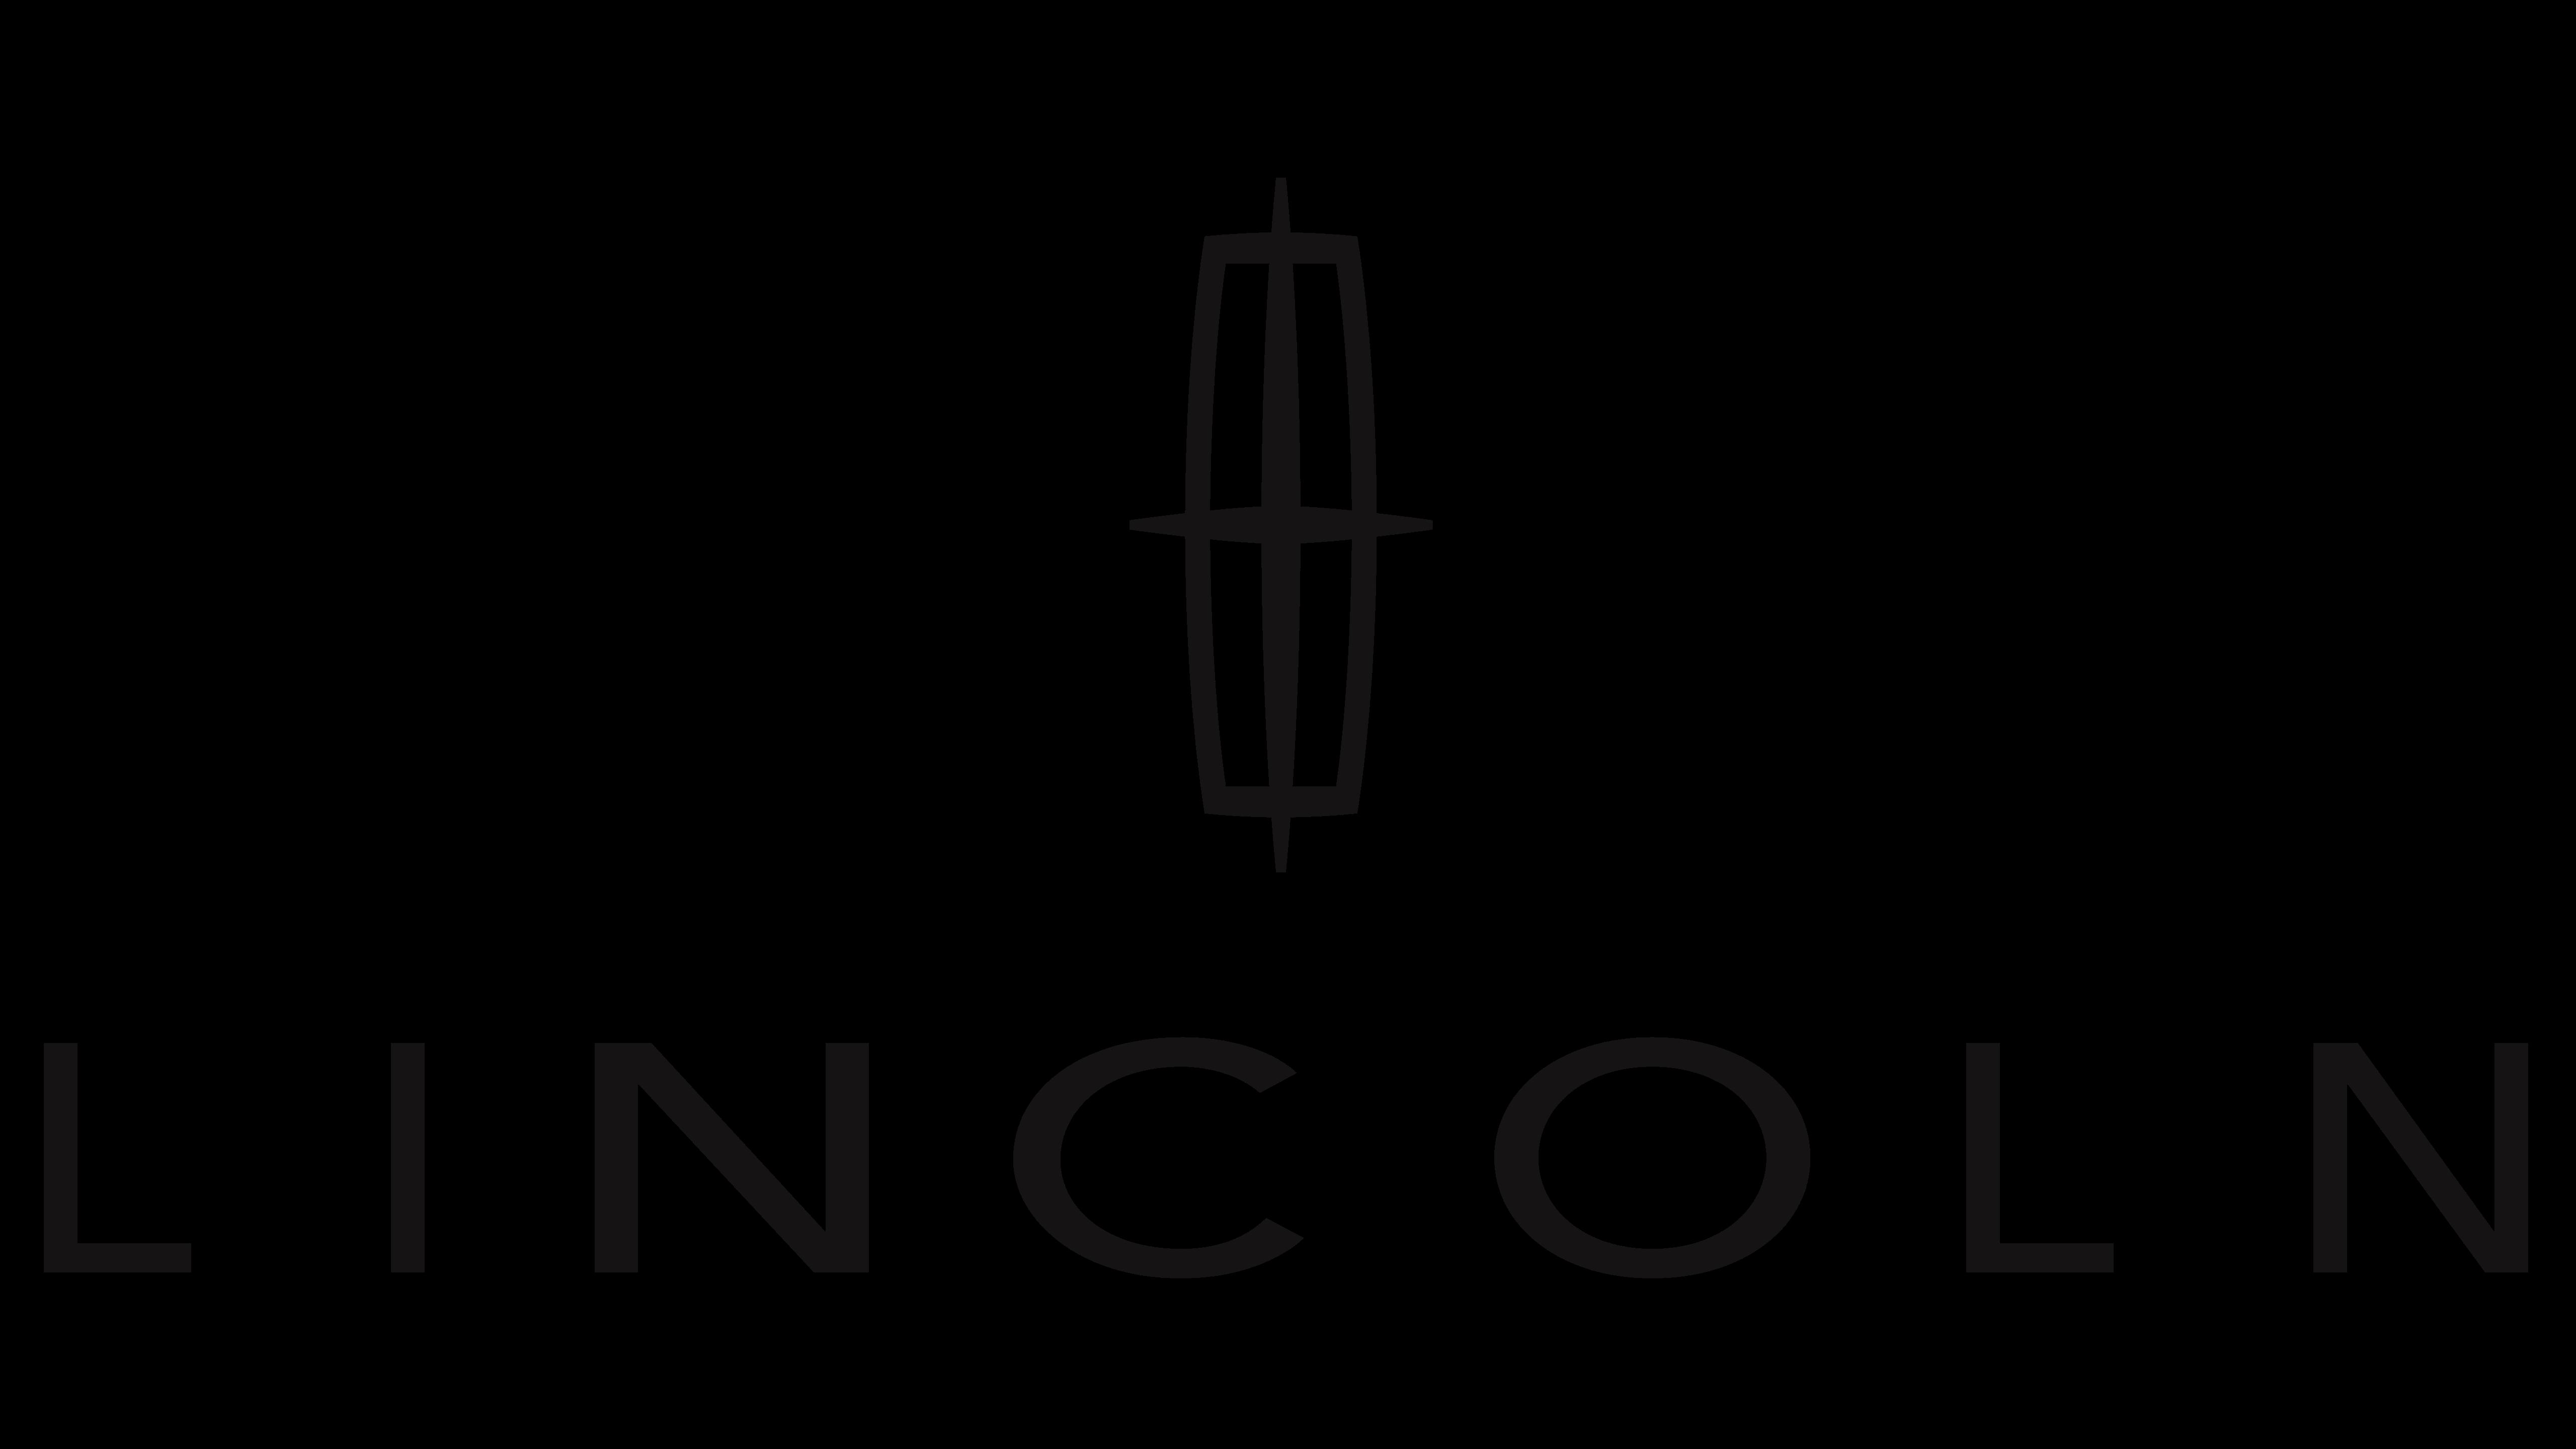 https://0201.nccdn.net/1_2/000/000/176/552/Lincoln-5120x2880.png